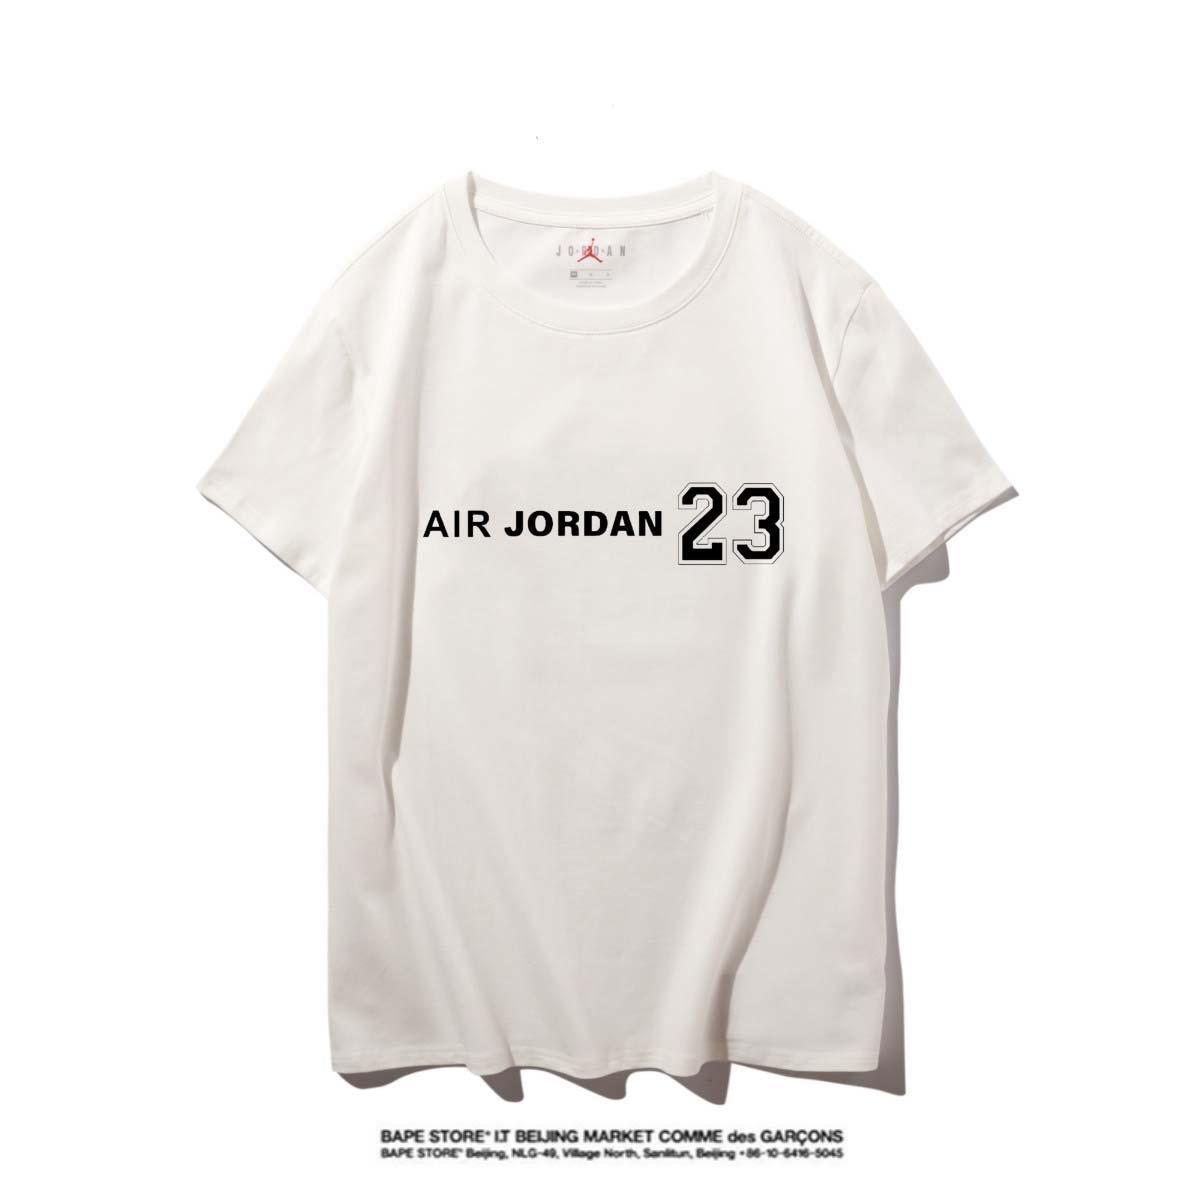 Jordan Hohe Qualität Neuer Brief Printing Short Sleeve Mode Aufmaß Cotton Hip Hop-Männer Frauen Paar Designer-T-Shirt S-XXL # 12123